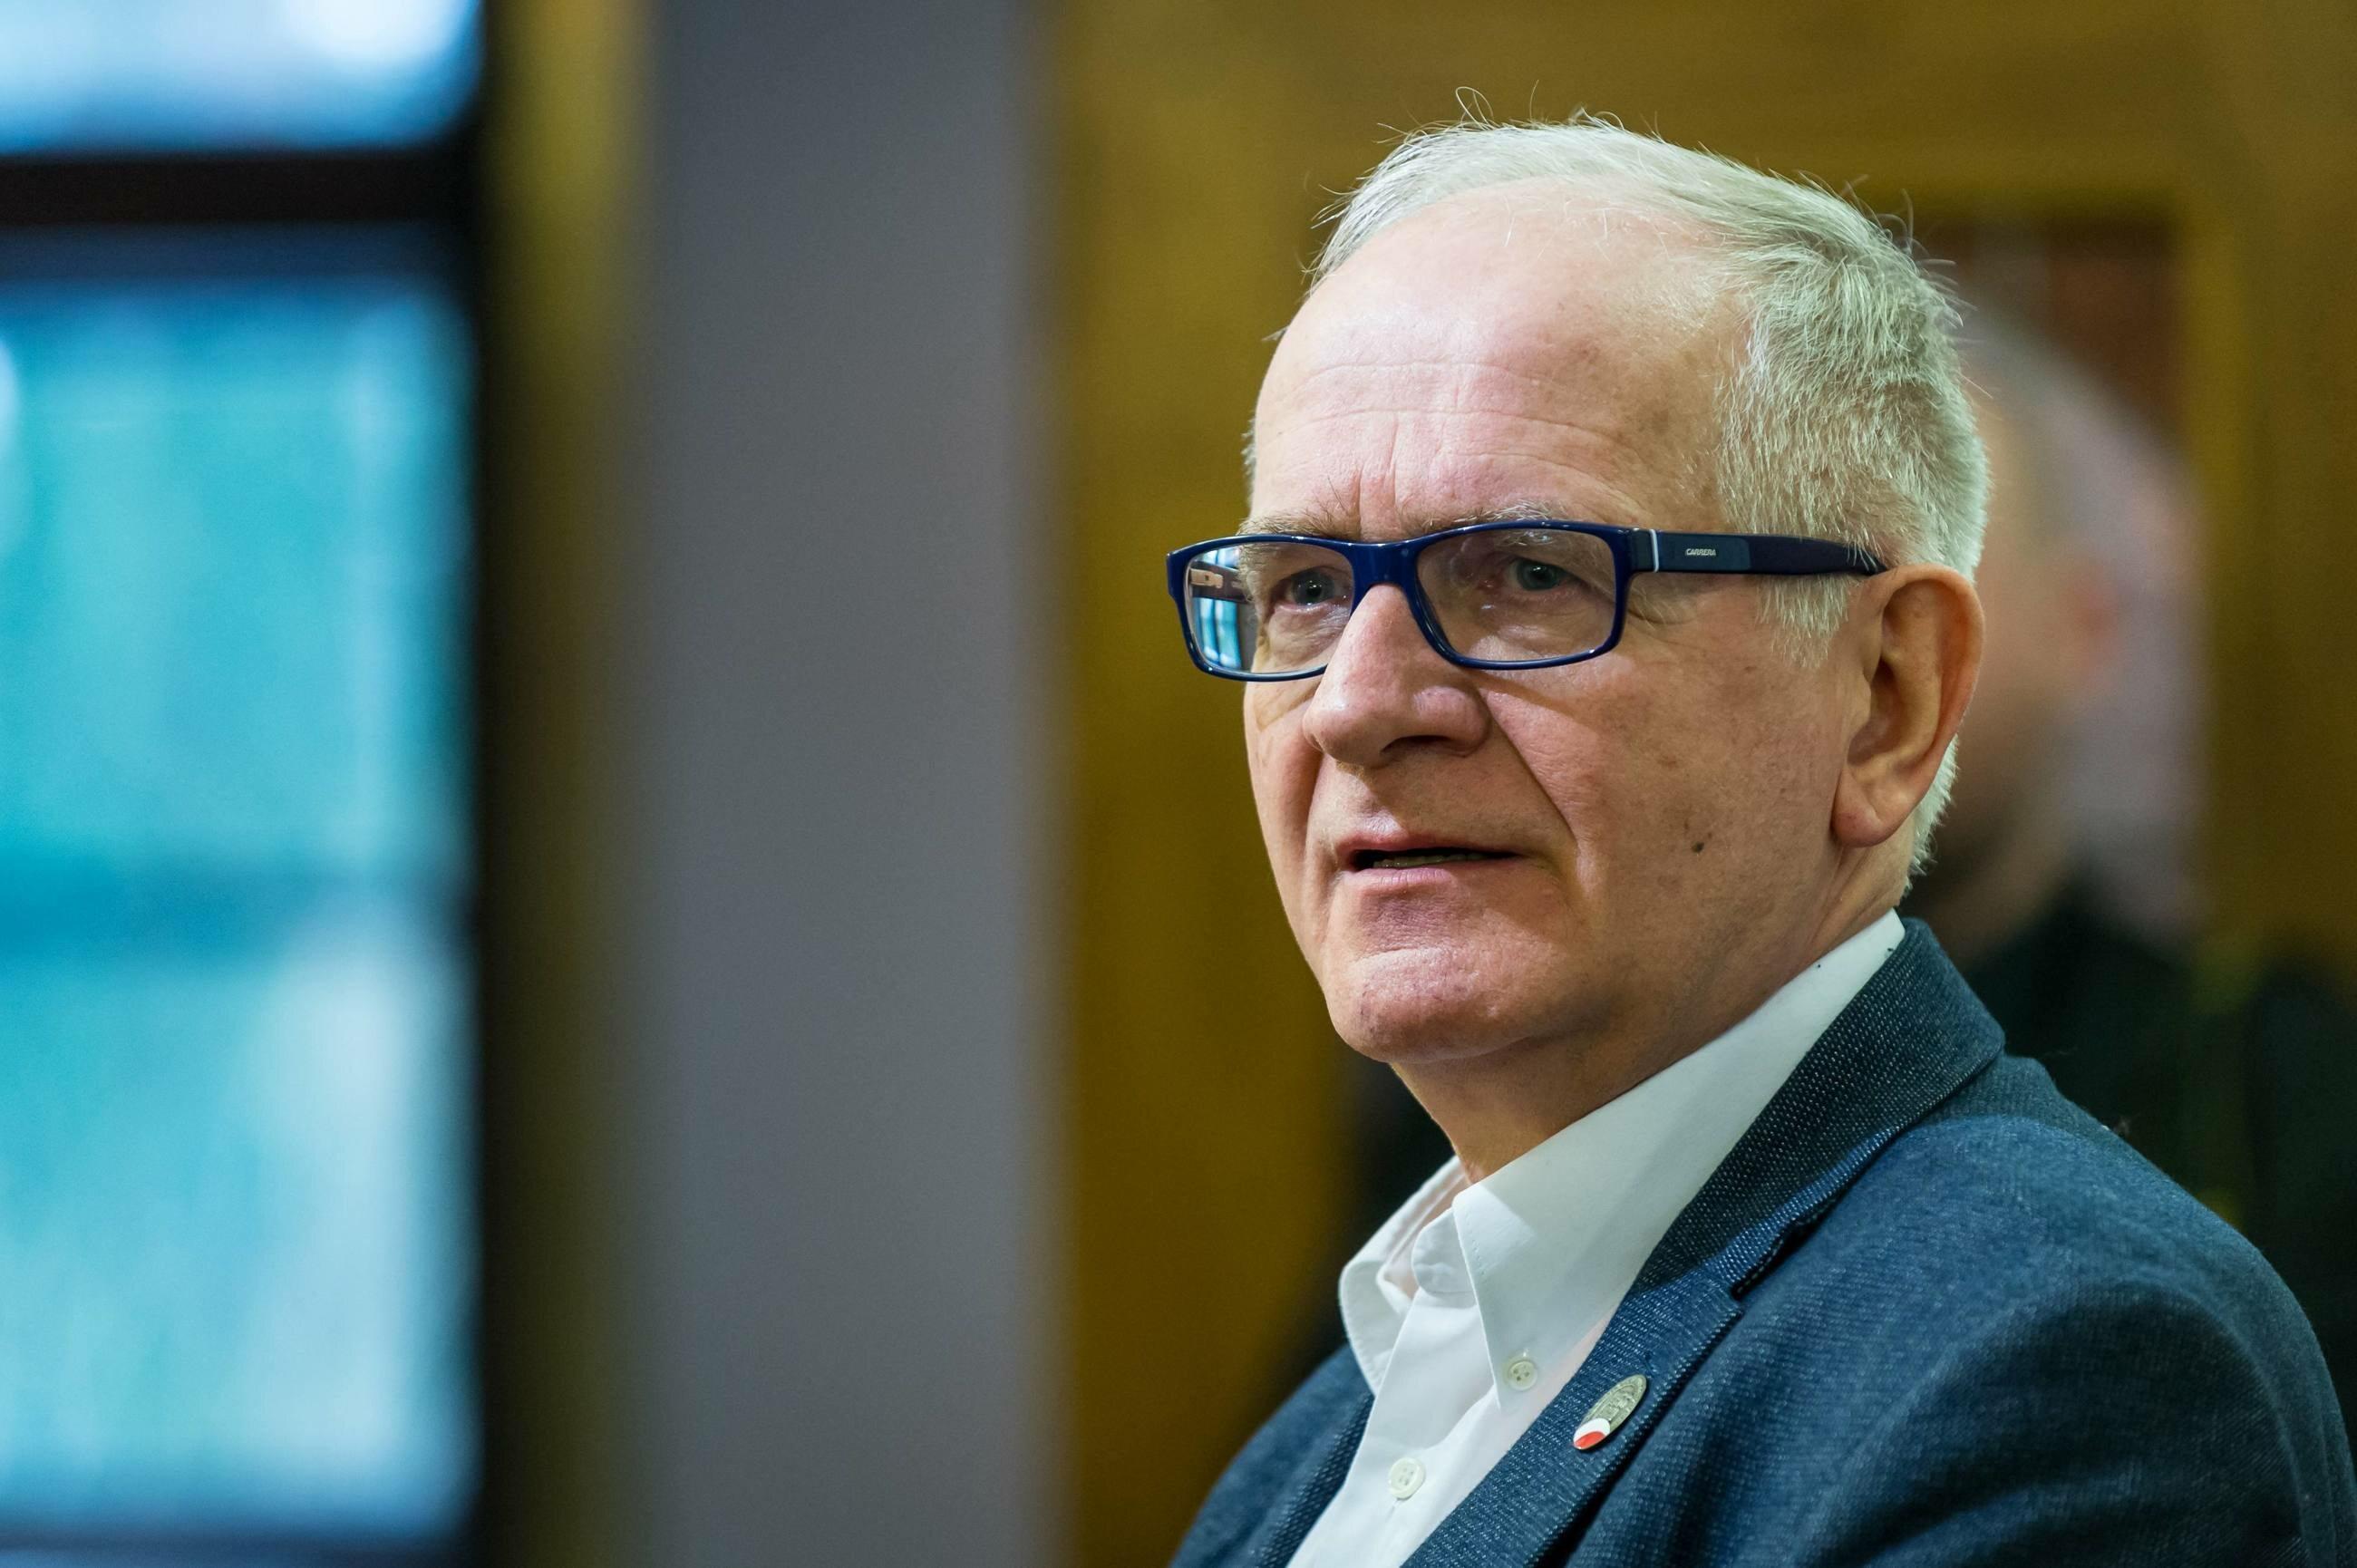 Prezes Rady Mediów Narodowych Krzysztof Czabański